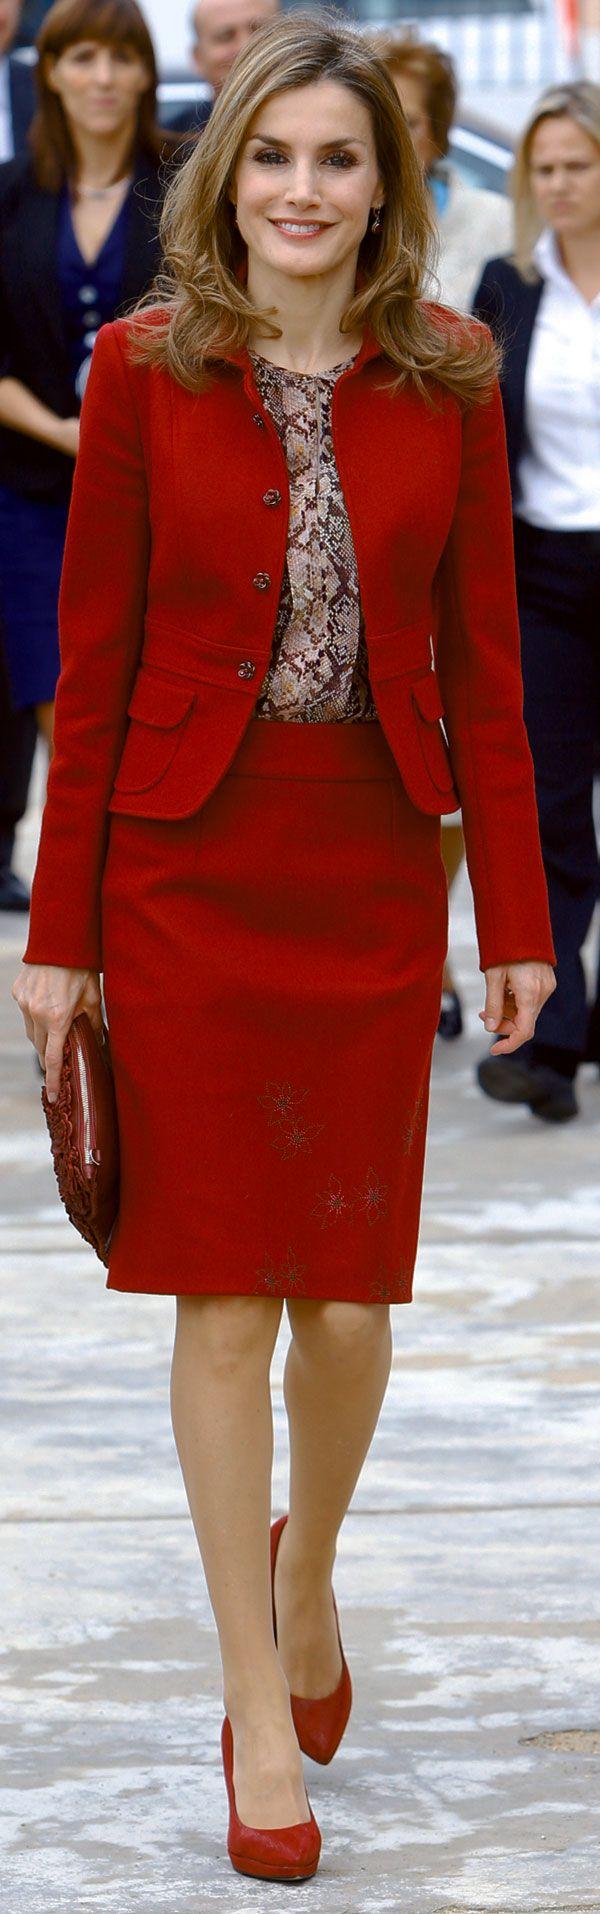 Letizia hizo su primer viaje en solitarioa Portugal como Reina para el congreso de Enfermedades Raras, repitiendo un traje de chaqueta de Felipe Varela.